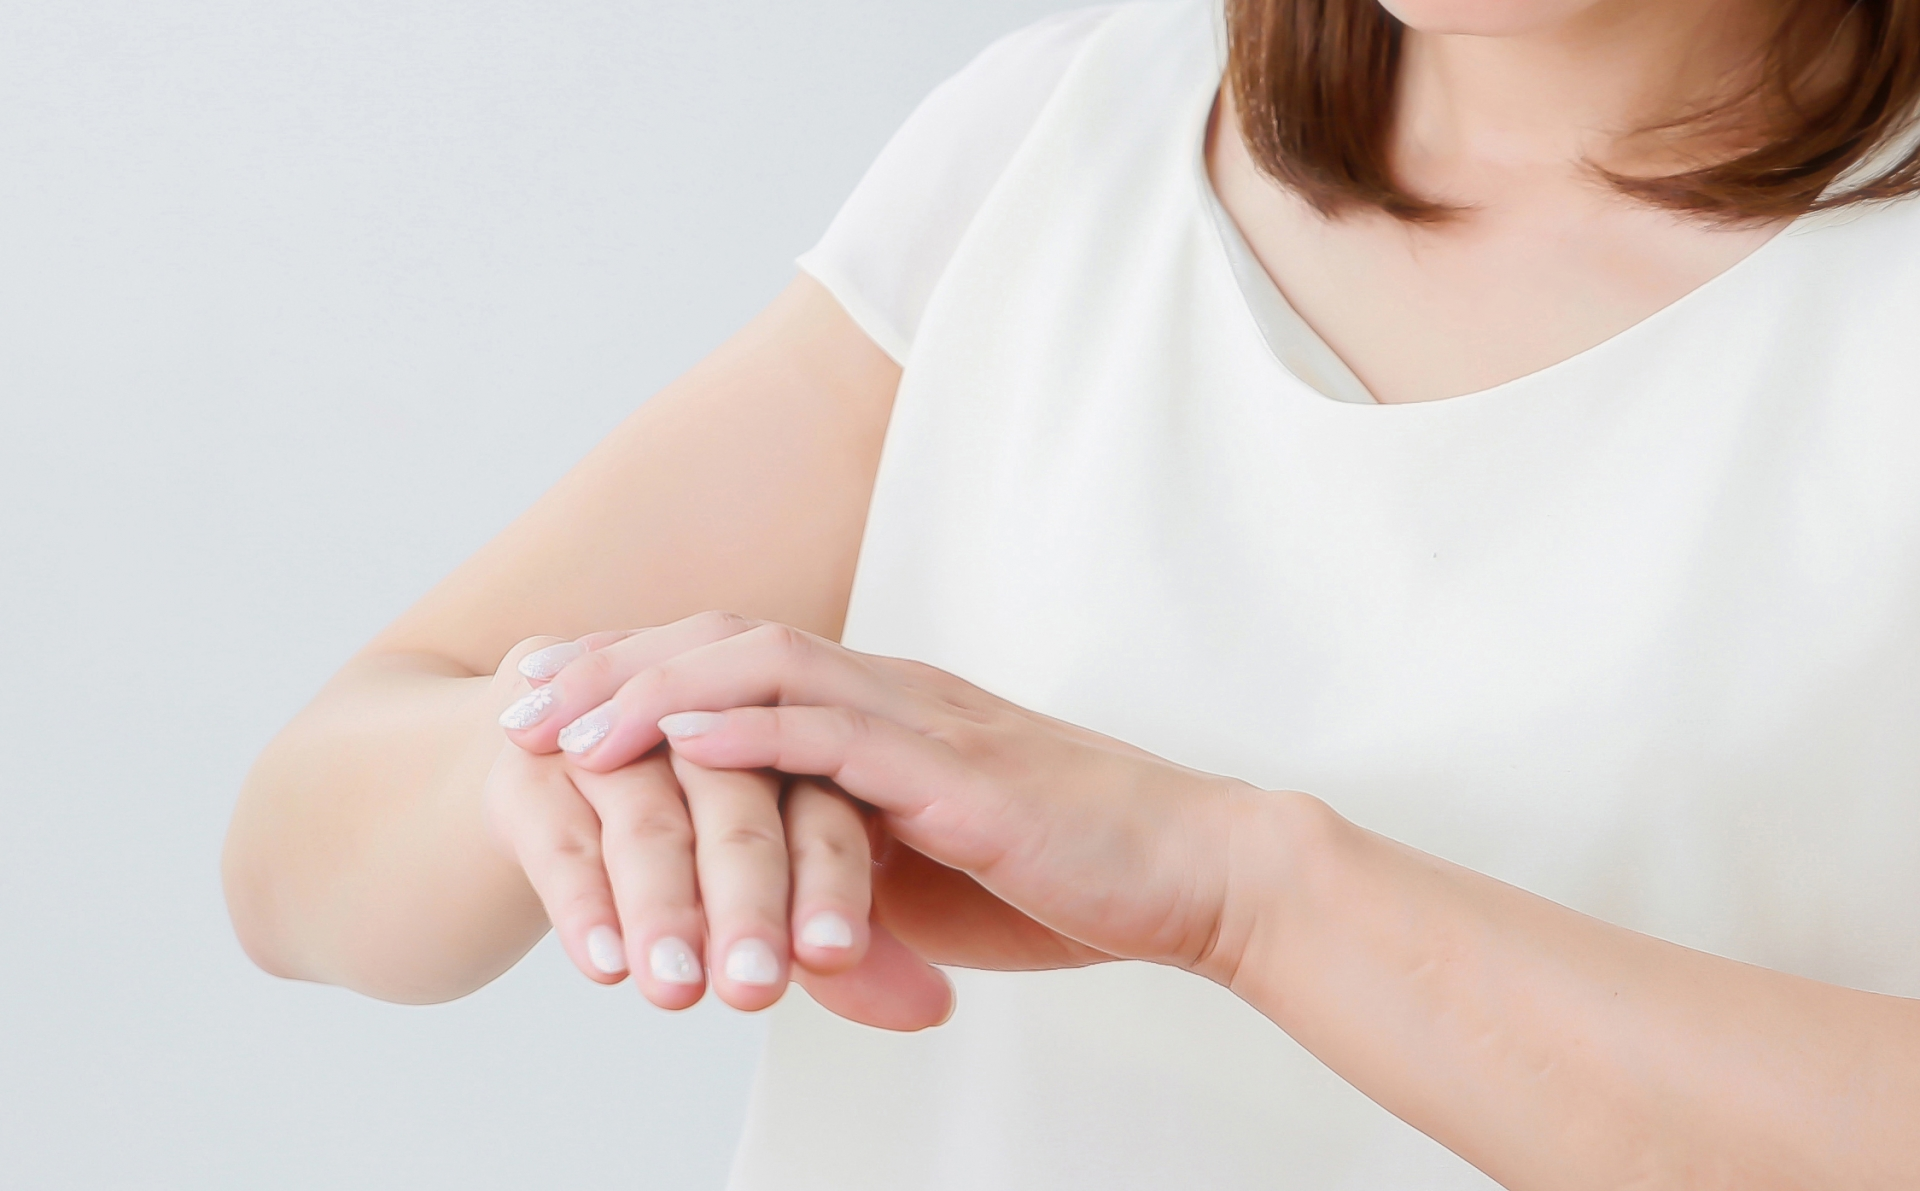 肌にクリームを塗る女性